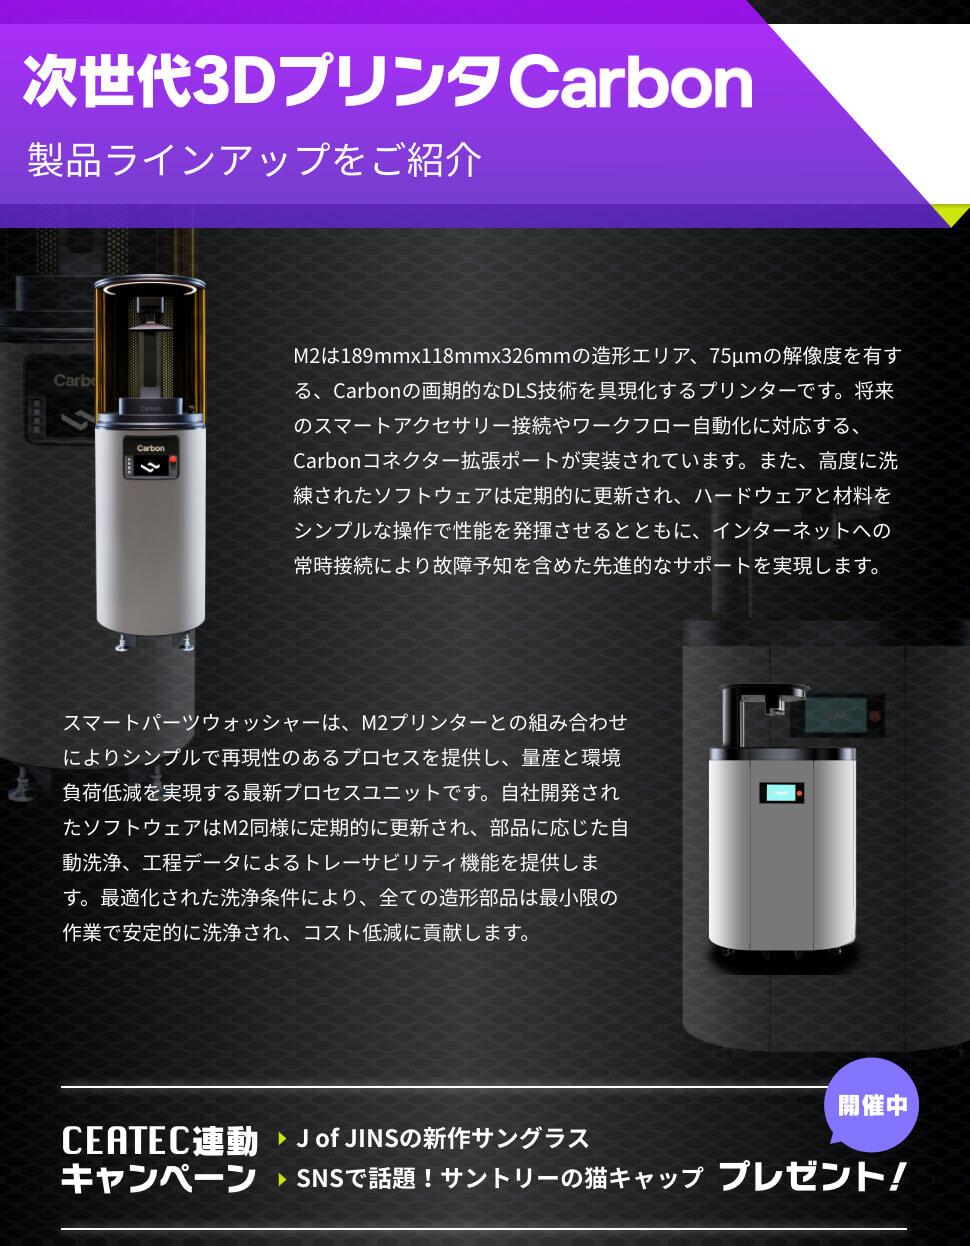 次世代3Dプリンタ Carbon 製品ラインアップをご紹介 M2は189mmx118mmx326mmの造形エリア、75μmの解像度を有する、Carbonの画期的なDLS技術を具現化するプリンターです。将来のスマートアクセサリー接続やワークフロー自動化に対応する、Carbonコネクター拡張ポートが実装されています。また、高度に洗練されたソフトウェアは定期的に更新され、ハードウェアと材料をシンプルな操作で性能を発揮させるとともに、インターネットへの常時接続により故障予知を含めた先進的なサポートを実現します。 スマートパーツウォッシャーは、M2プリンターとの組み合わせによりシンプルで再現性のあるプロセスを提供し、量産と環境負荷低減を実現する最新プロセスユニットです。自社開発されたソフトウェアはM2同様に定期的に更新され、部品に応じた自動洗浄、工程データによるトレーサビリティ機能を提供します。最適化された洗浄条件により、全ての造形部品は最小限の作業で安定的に洗浄され、コスト低減に貢献します。 CEATEC連動 キャンペーン 開催中 J of JINSの新作サングラス SNSで話題!サントリーの猫キャップ プレゼント!